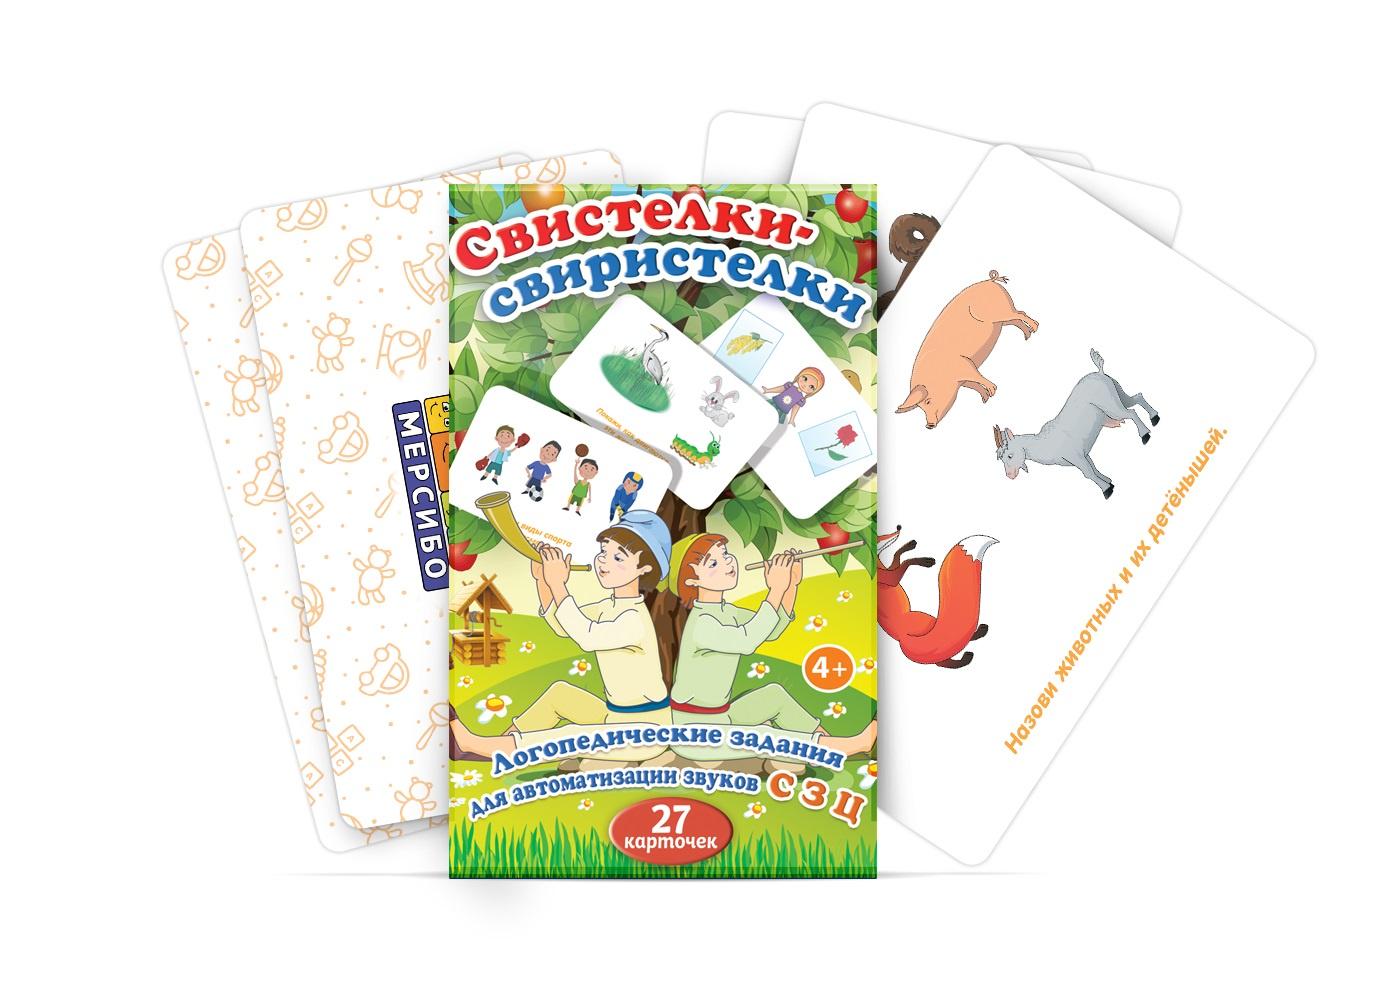 Обучающая игра Мерсибо Обучающие карточки Свистелки - свиристелки